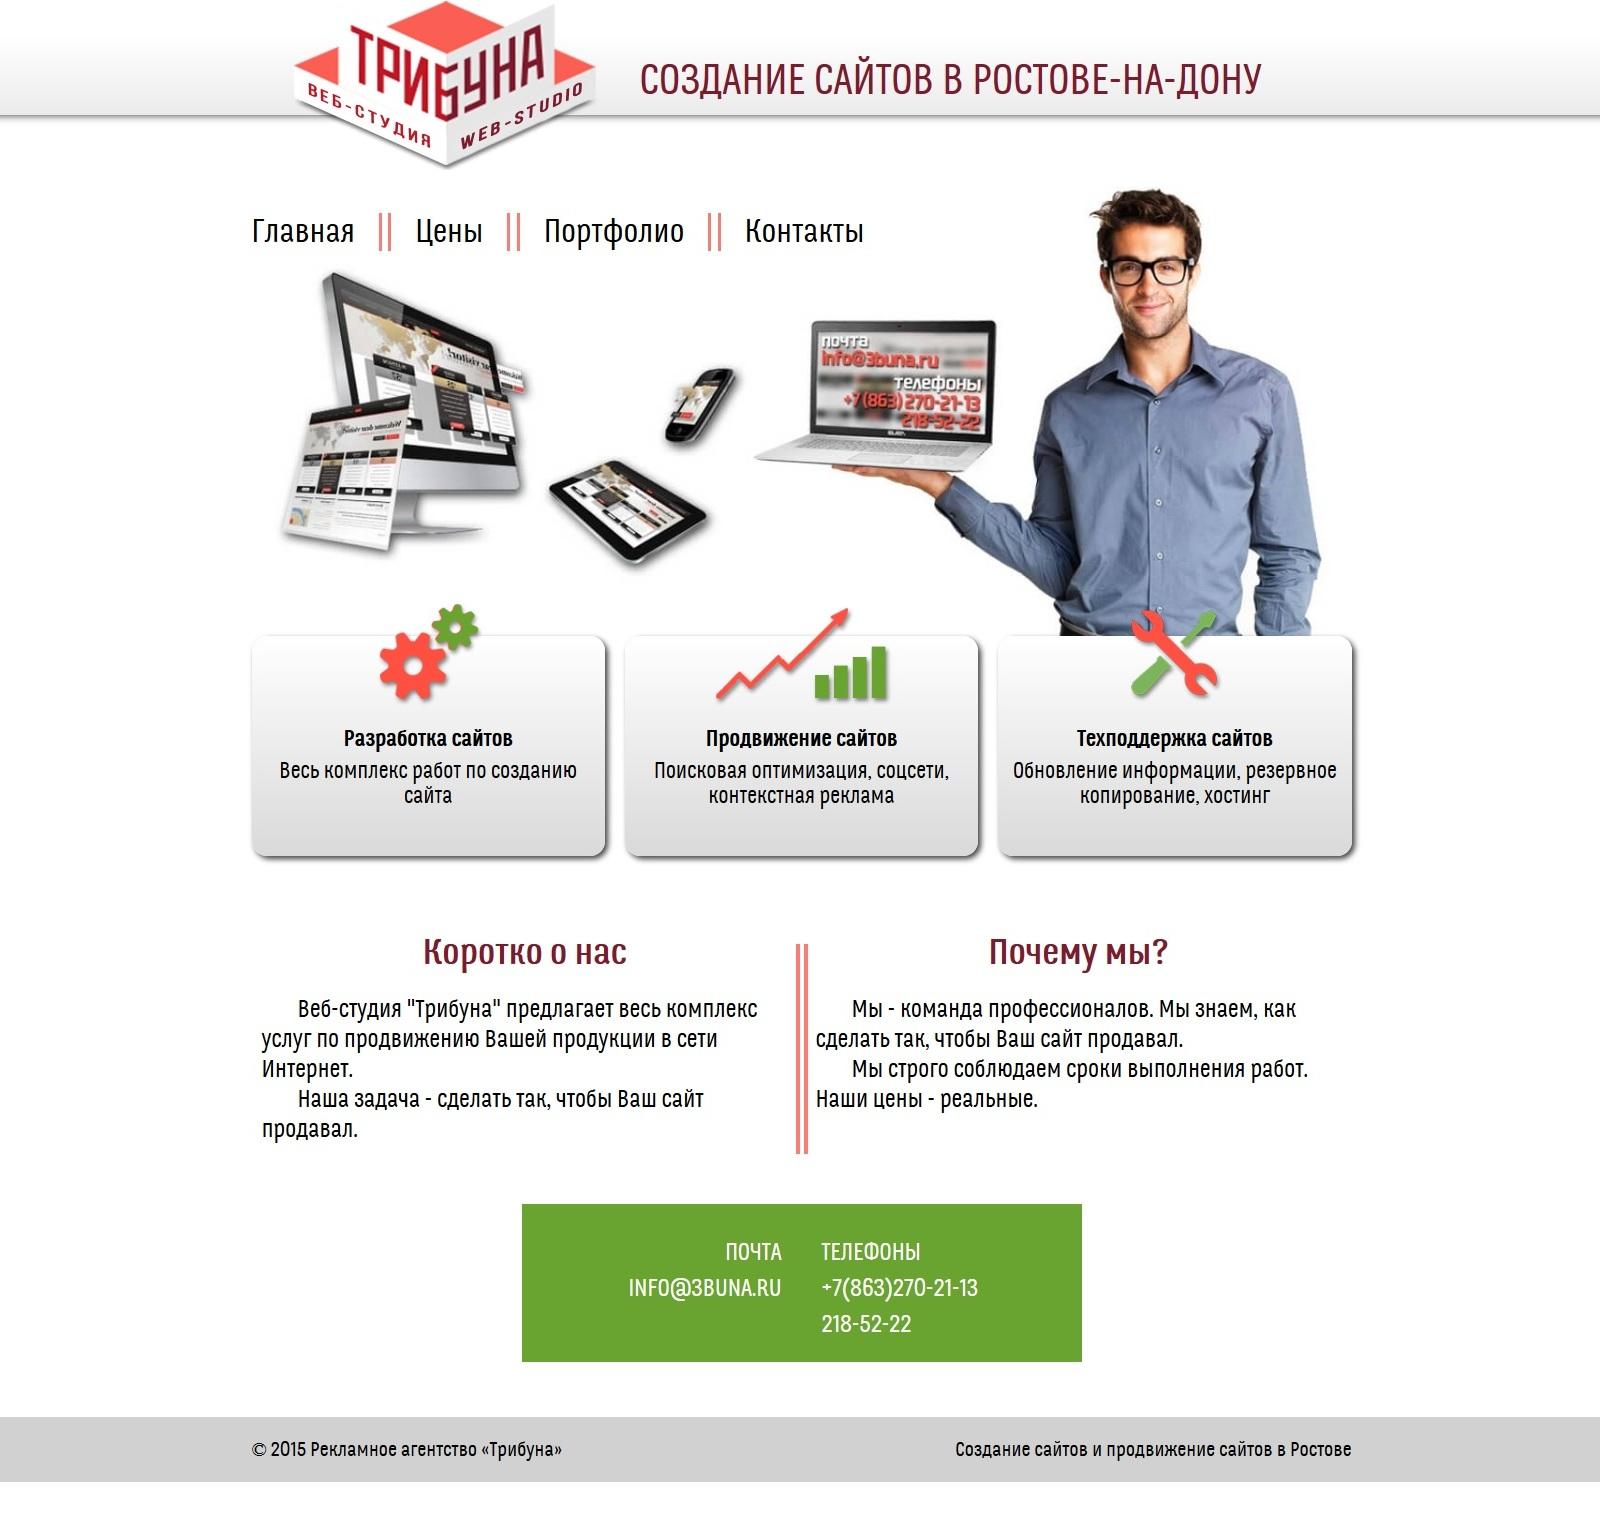 Как сделать адаптивную вёрстку сайта